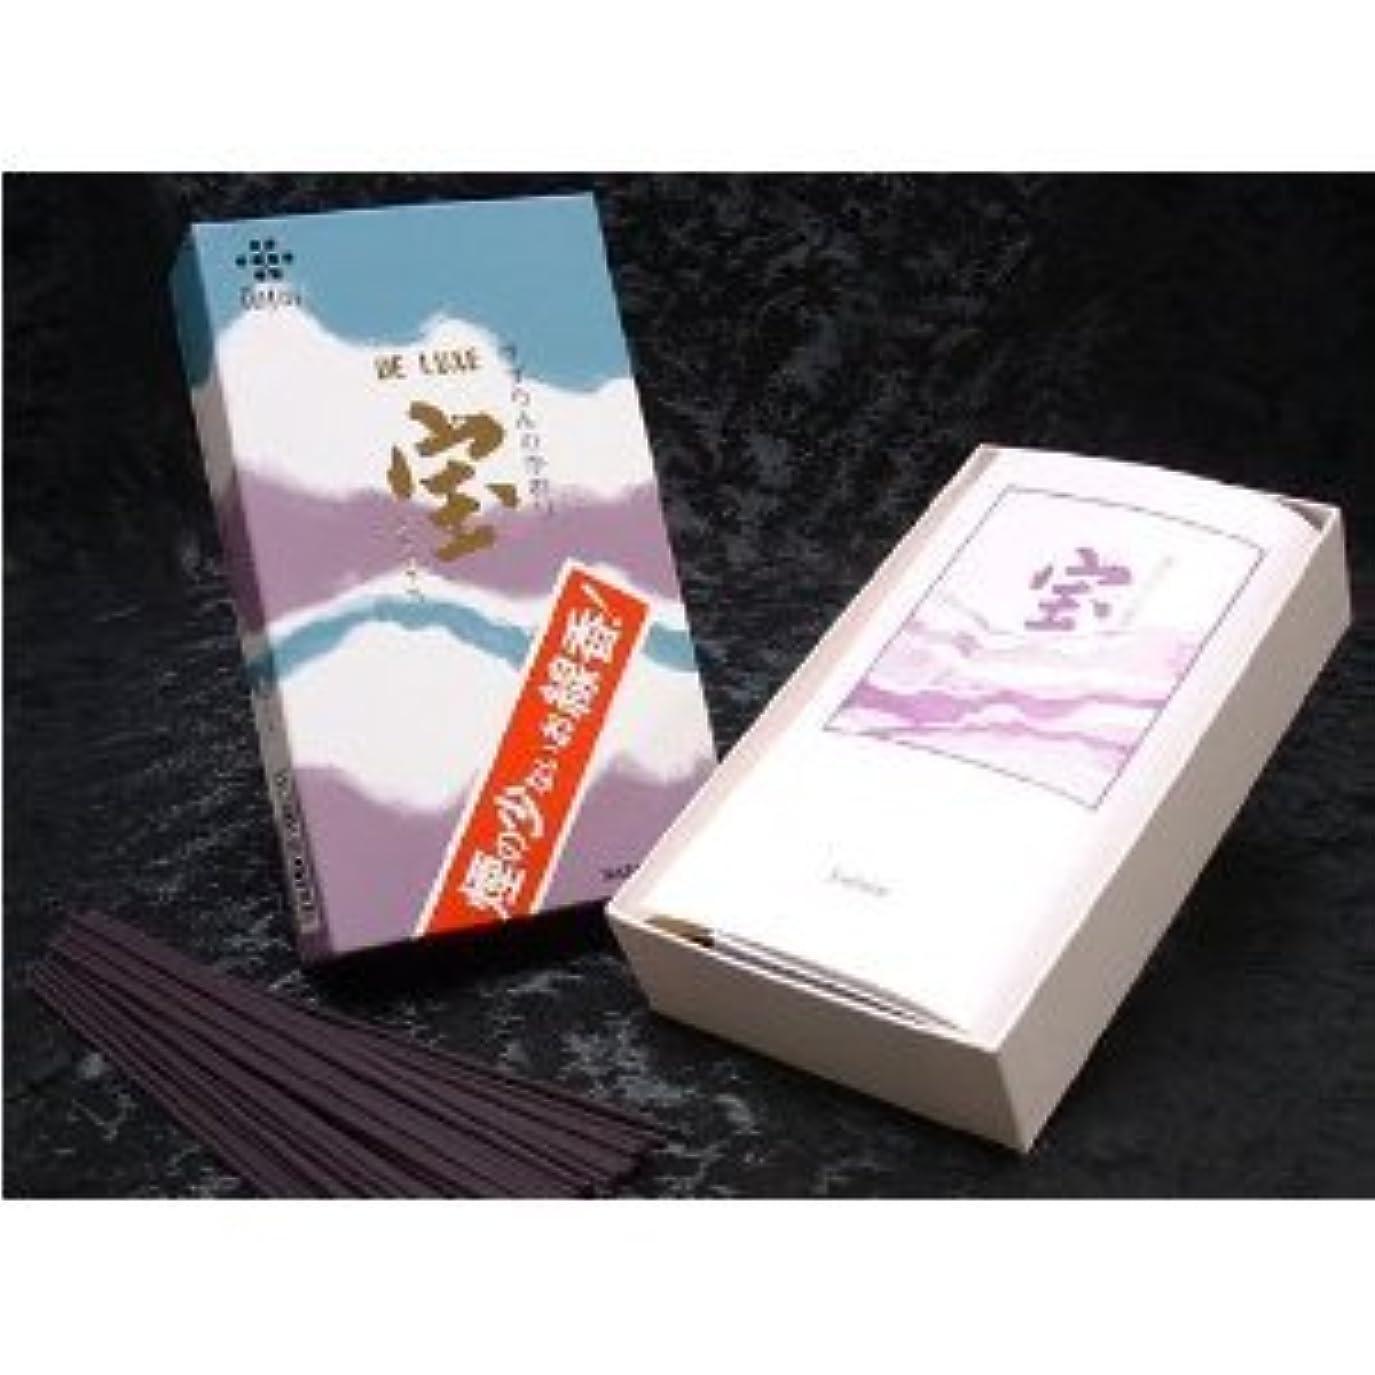 曲殺します傾向がある薫寿堂 宝デラックス 大バラ すずらんの香り #2